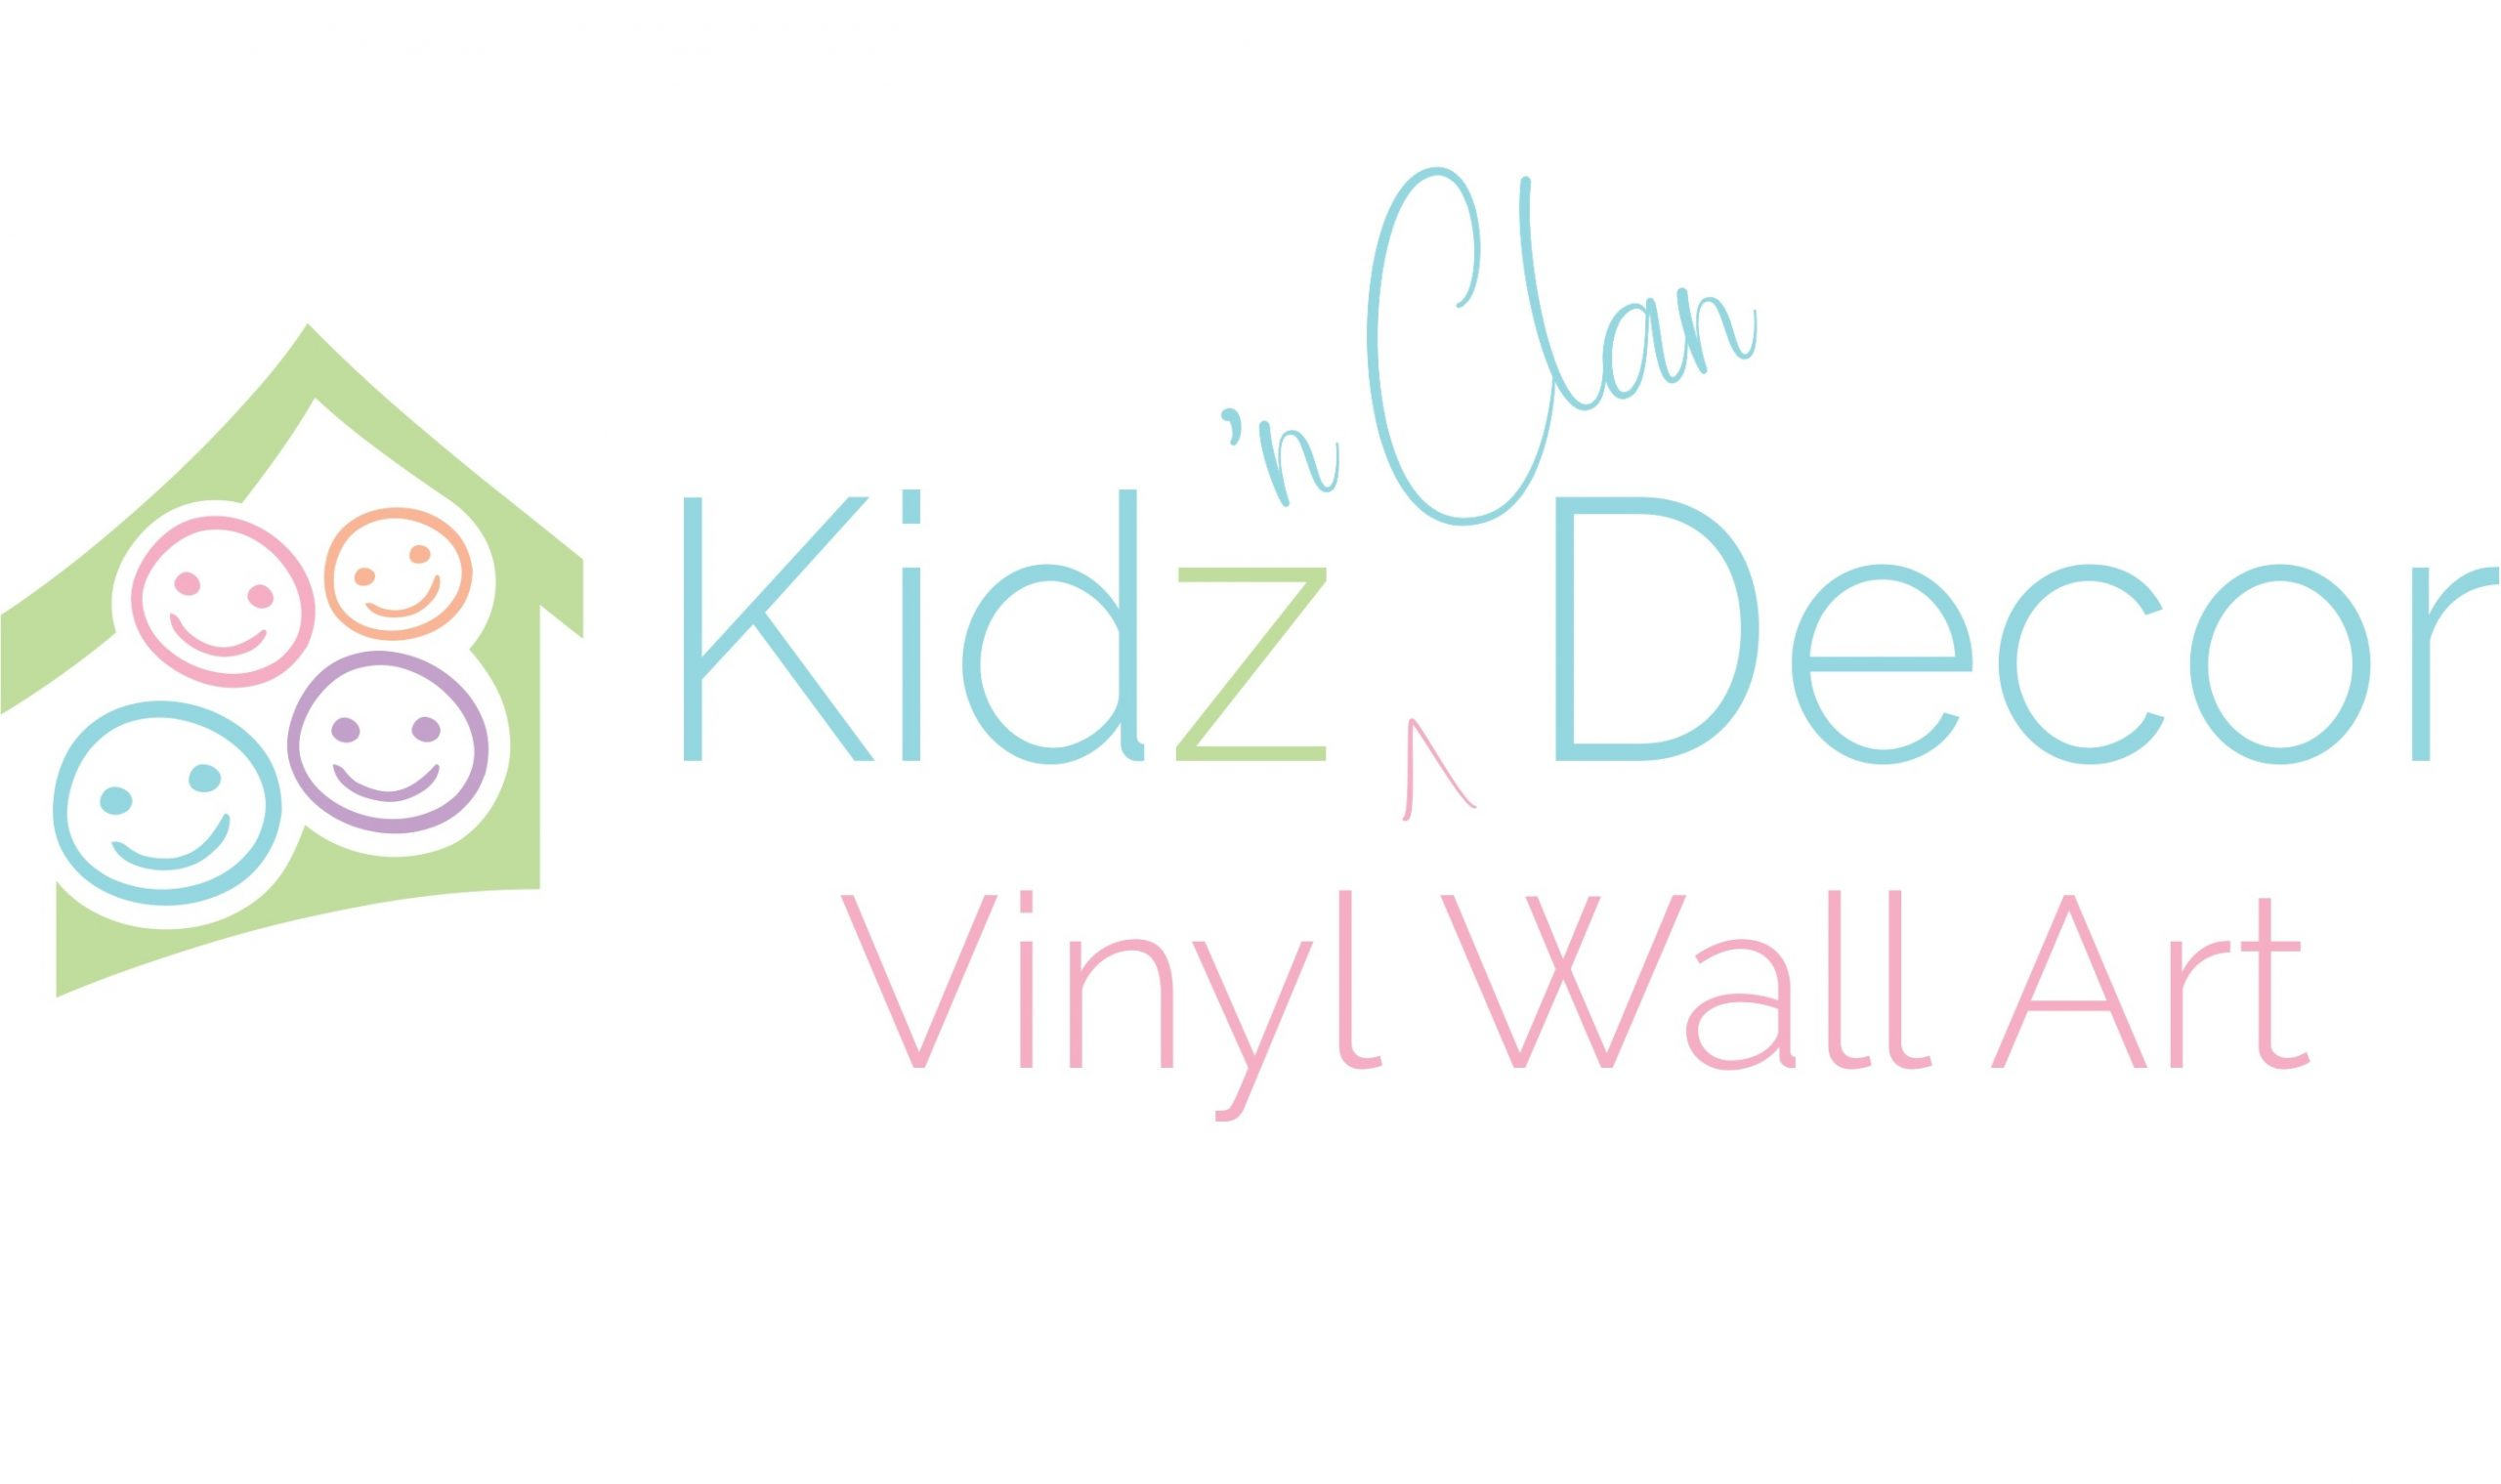 Friends of the College - Kidz 'n Clan Decor